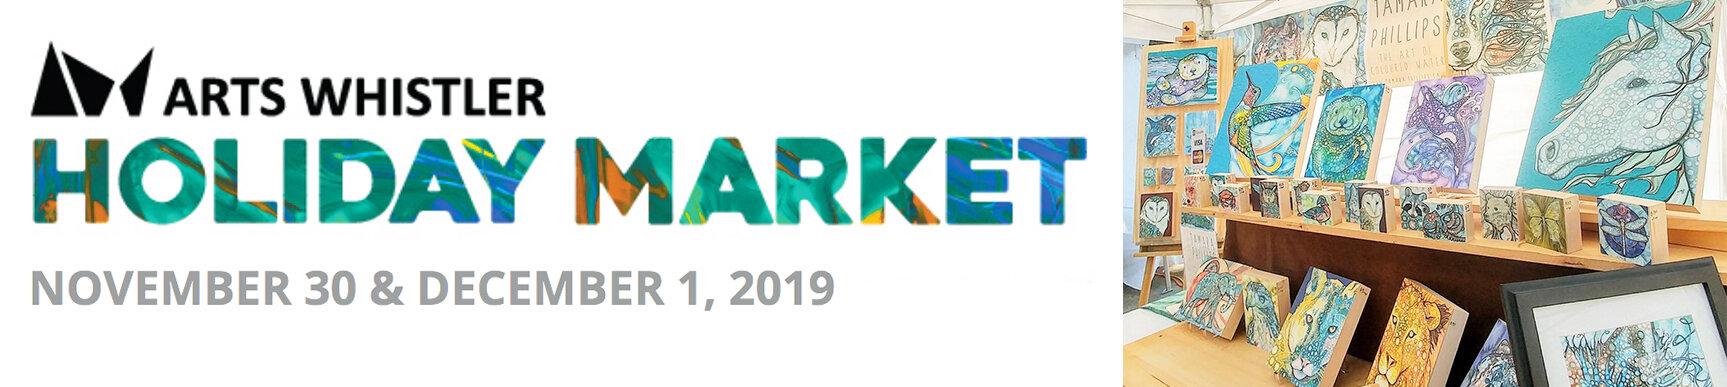 whistler market 2019.jpg